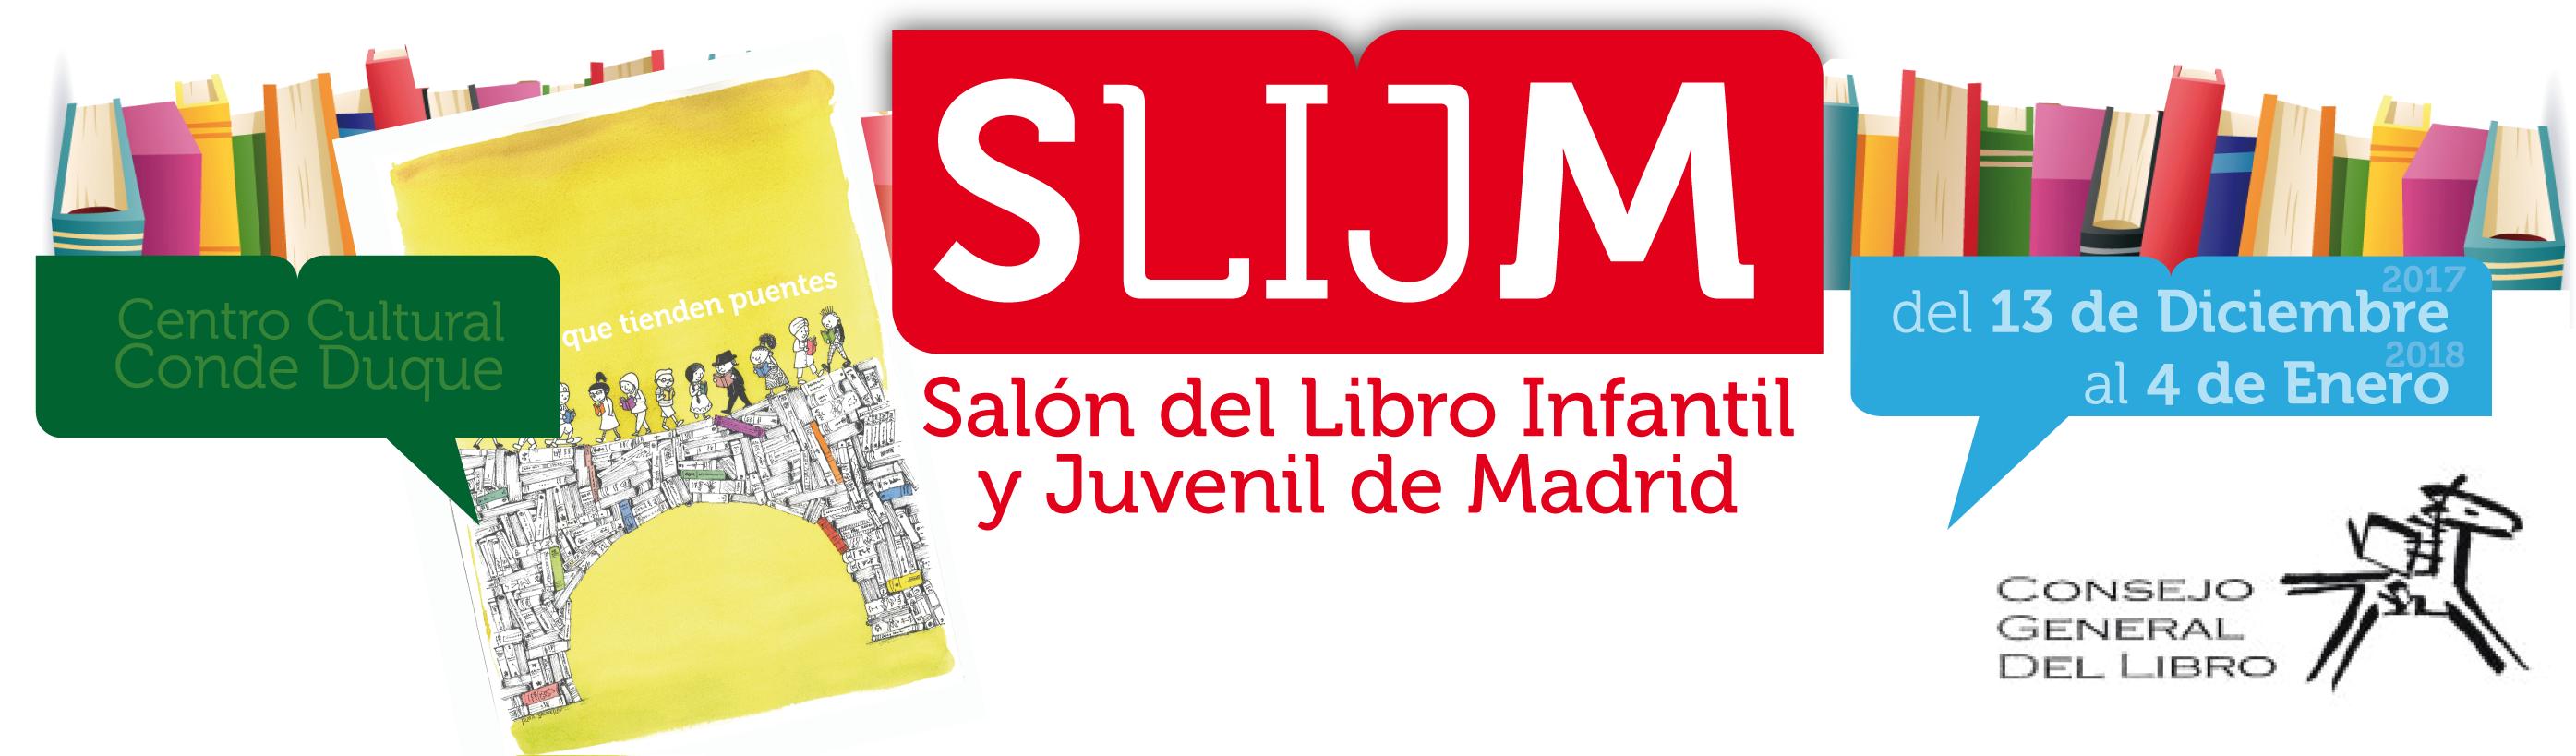 XLI Salón del Libro Infantil y Juvenil de Madrid